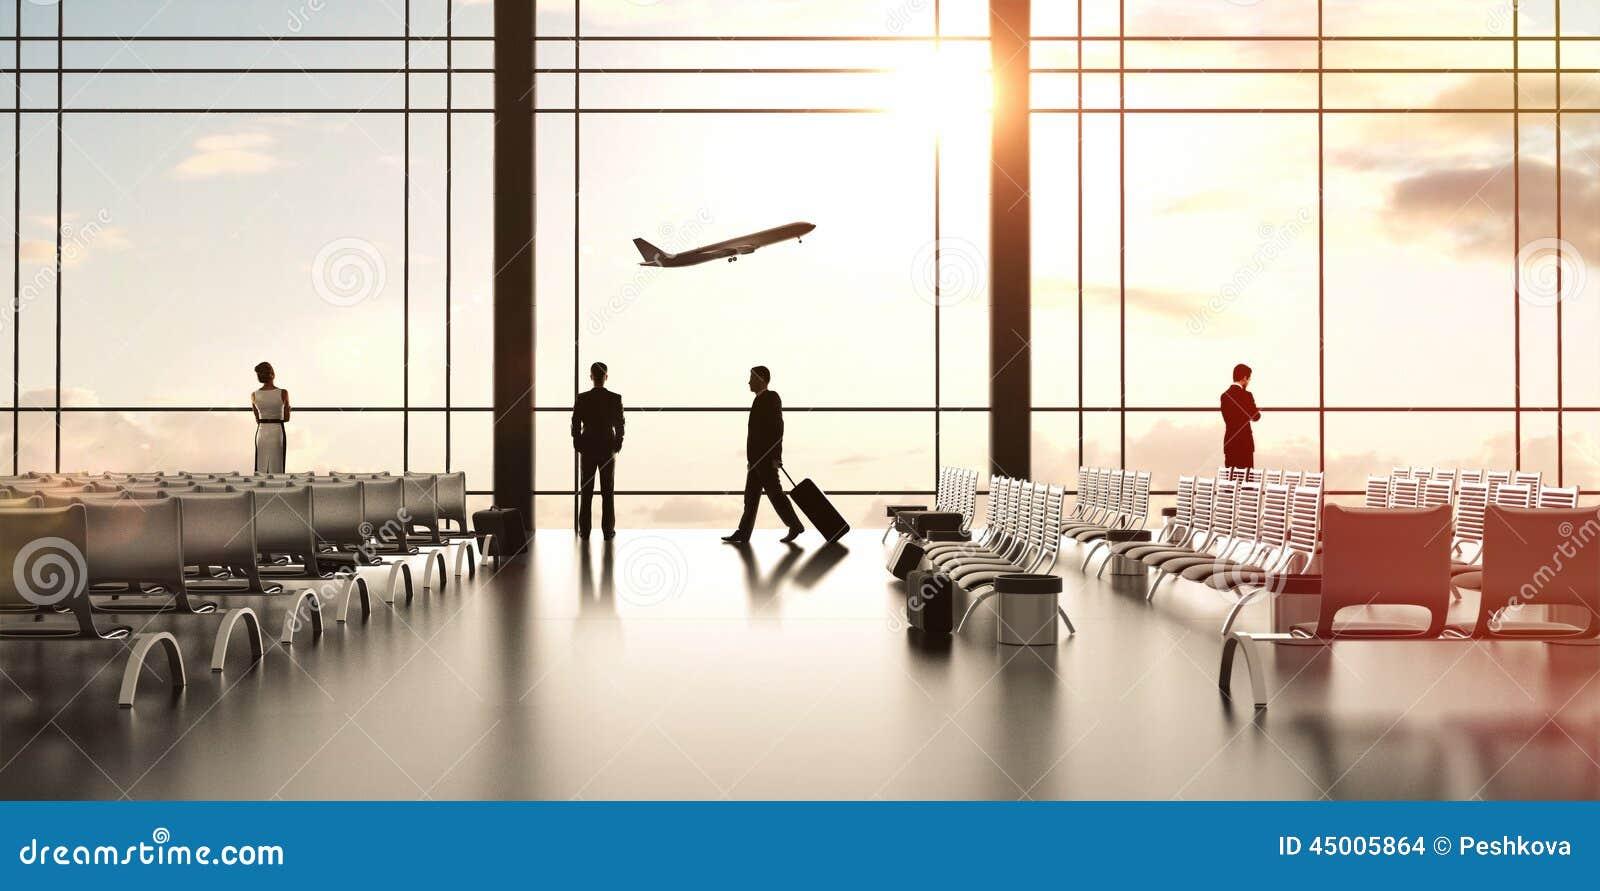 Luchthaven met mensen